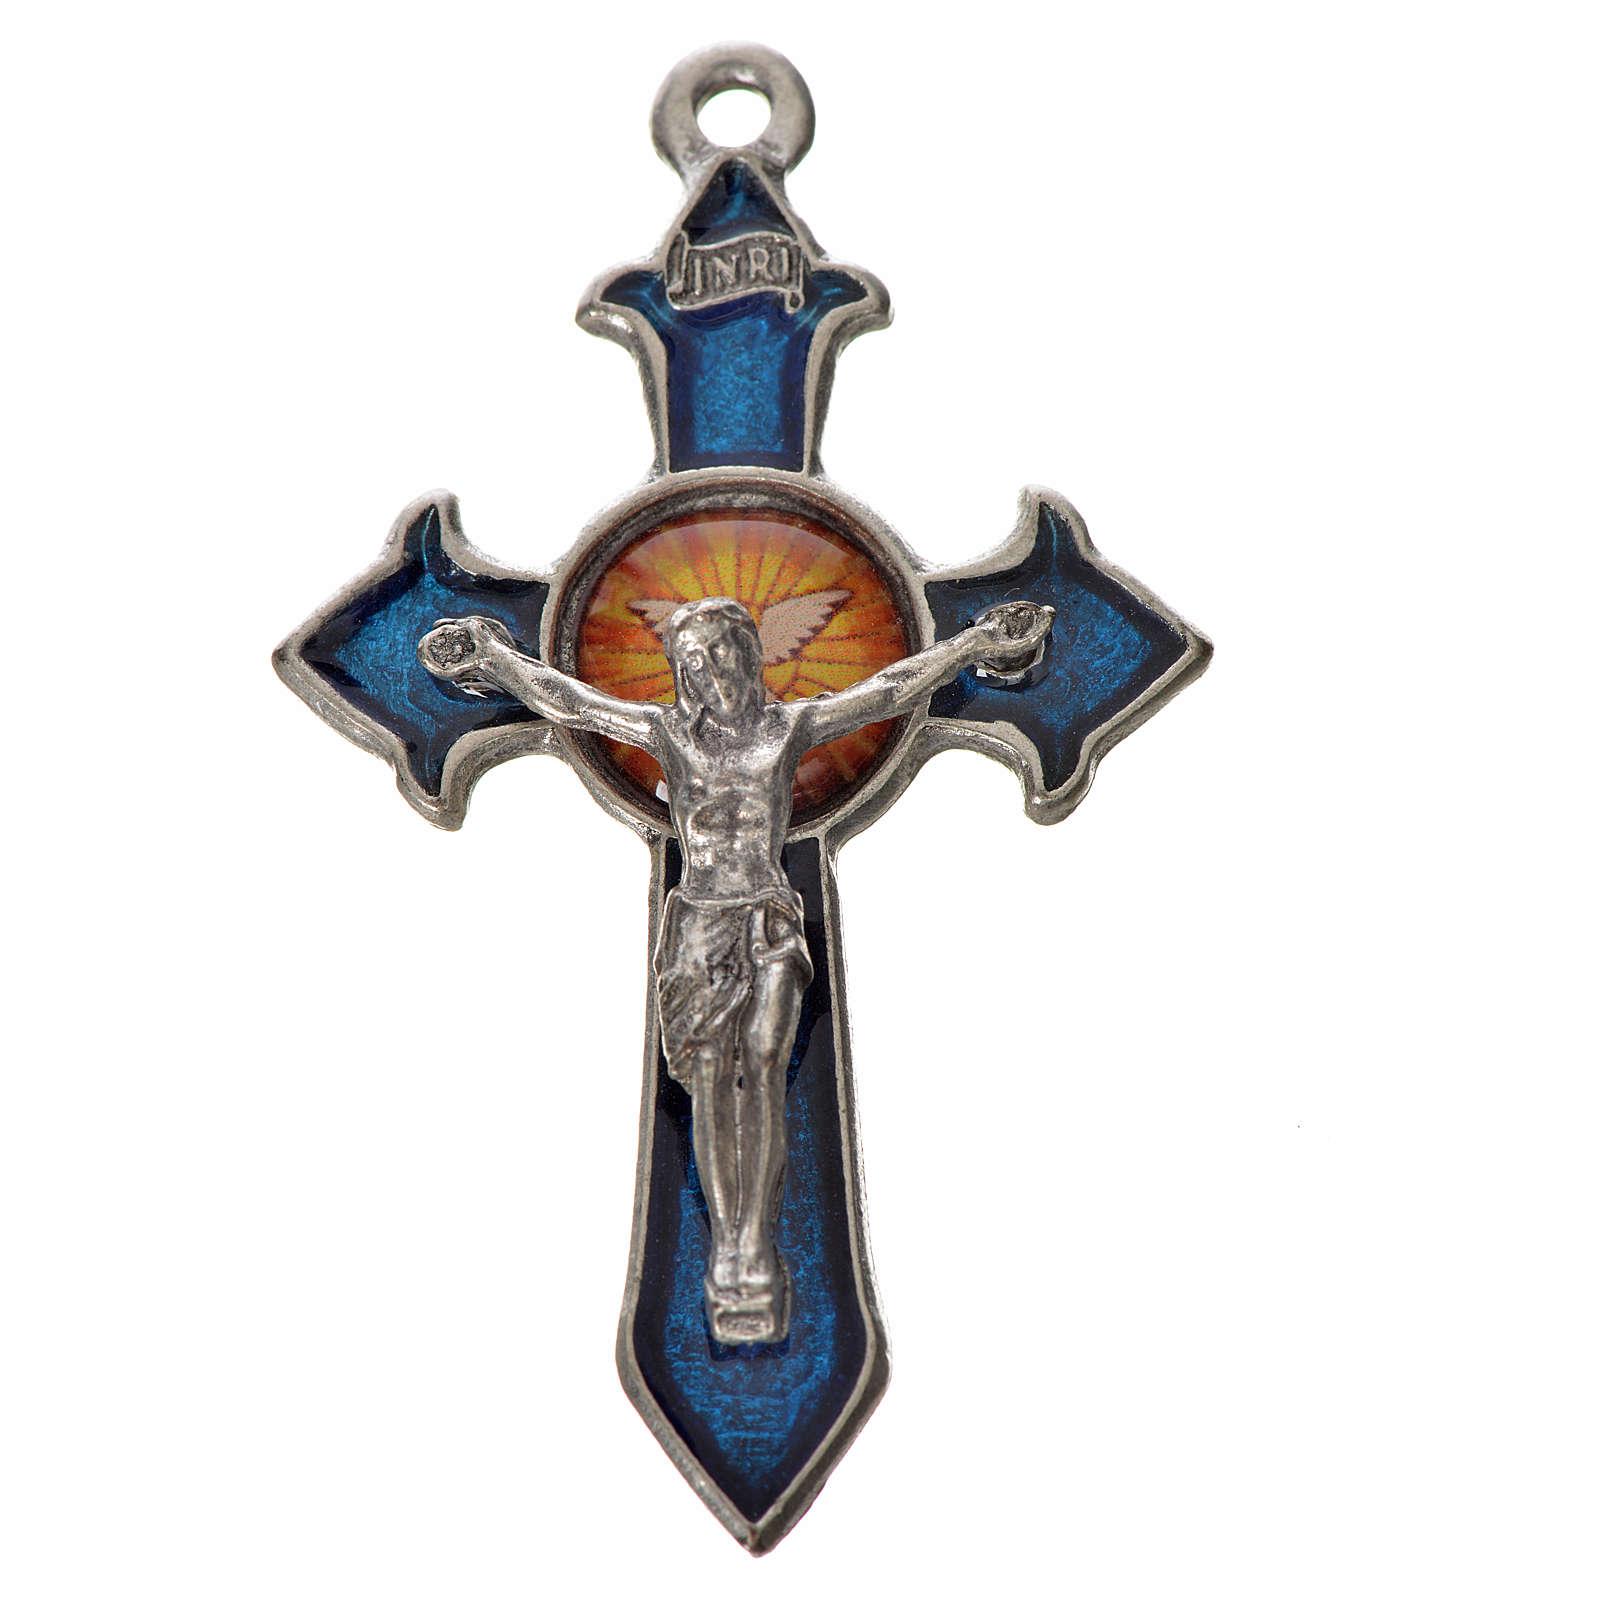 Krzyż Duch święty zama 4,5 X 2,8cm emalia niebieska 4